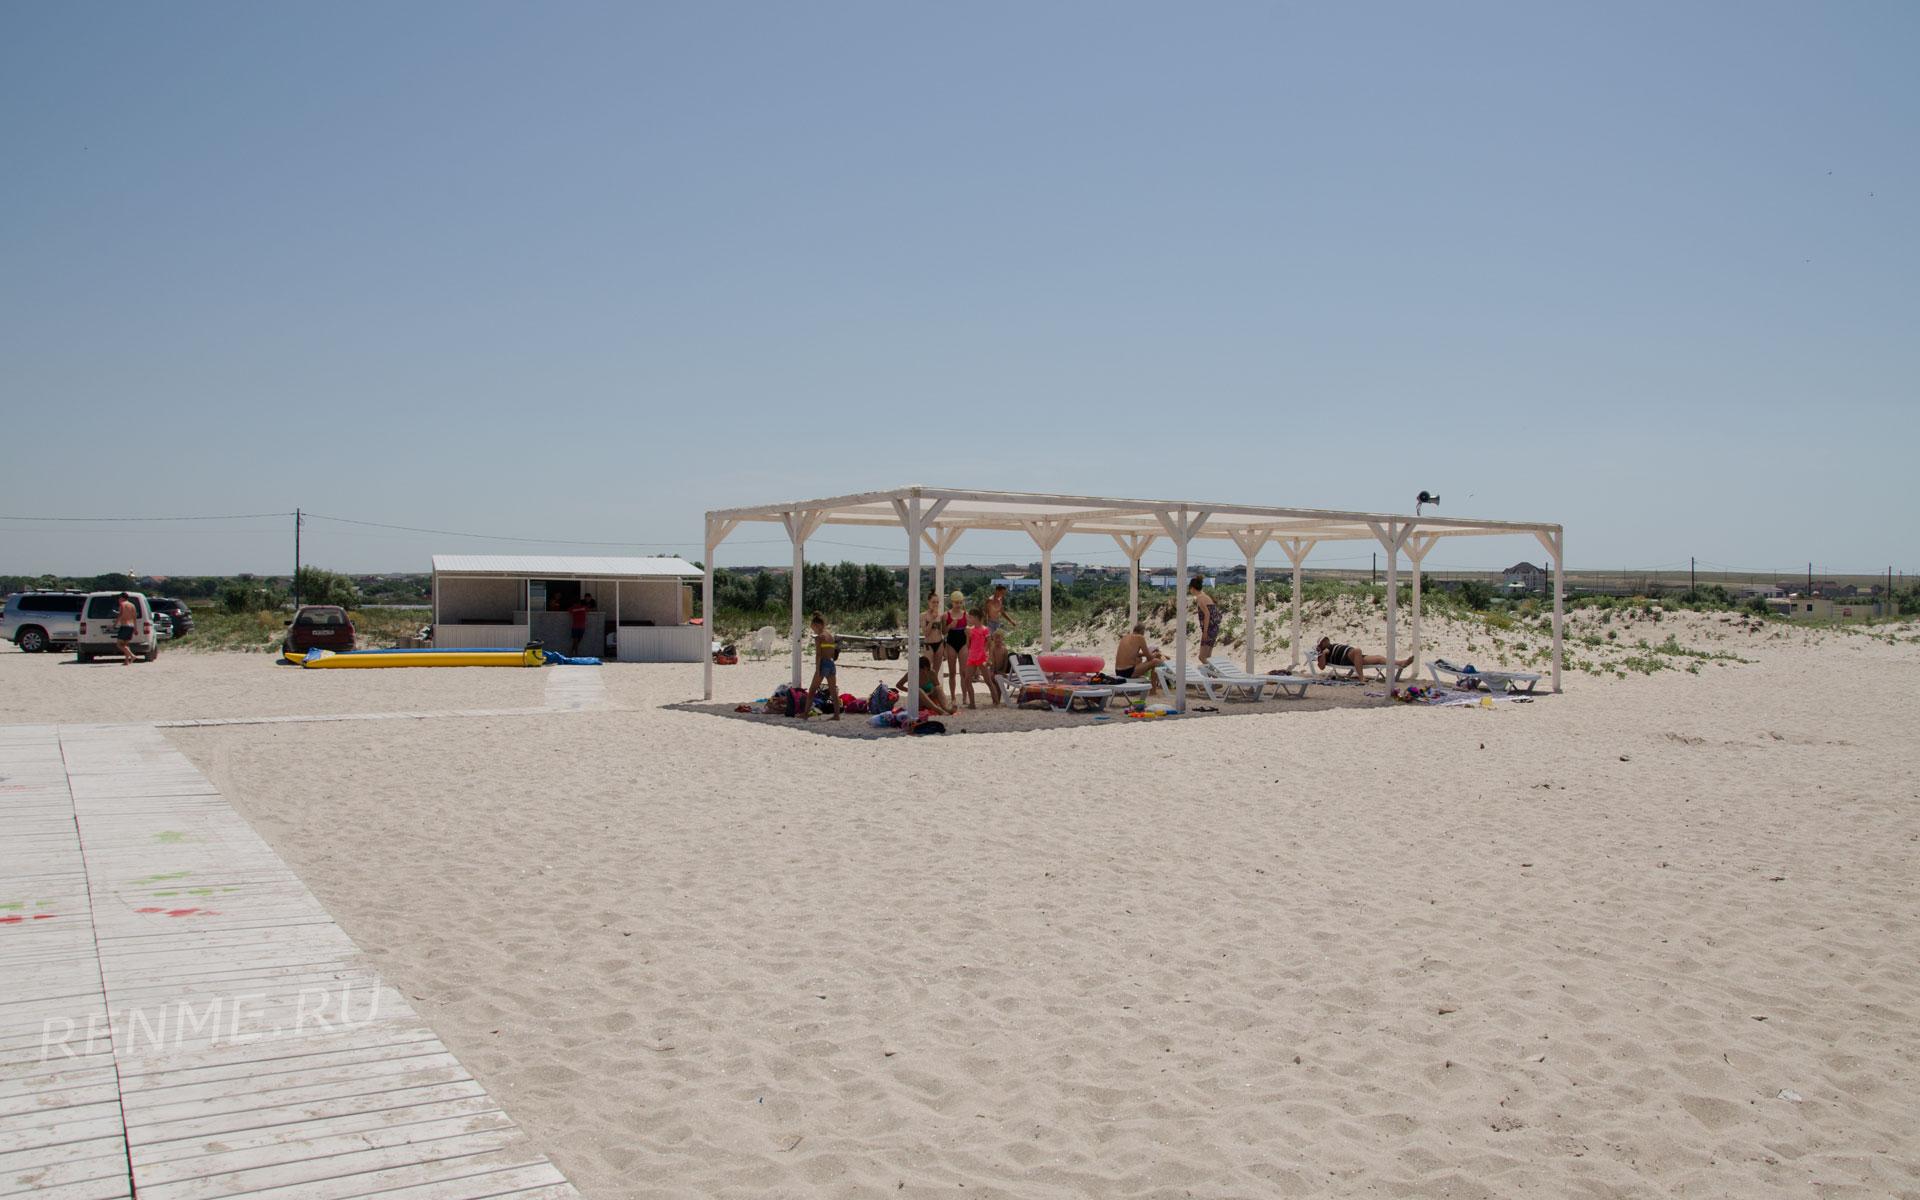 Теневые навесы на песчаном пляже в Оленевке. Фото Оленевки